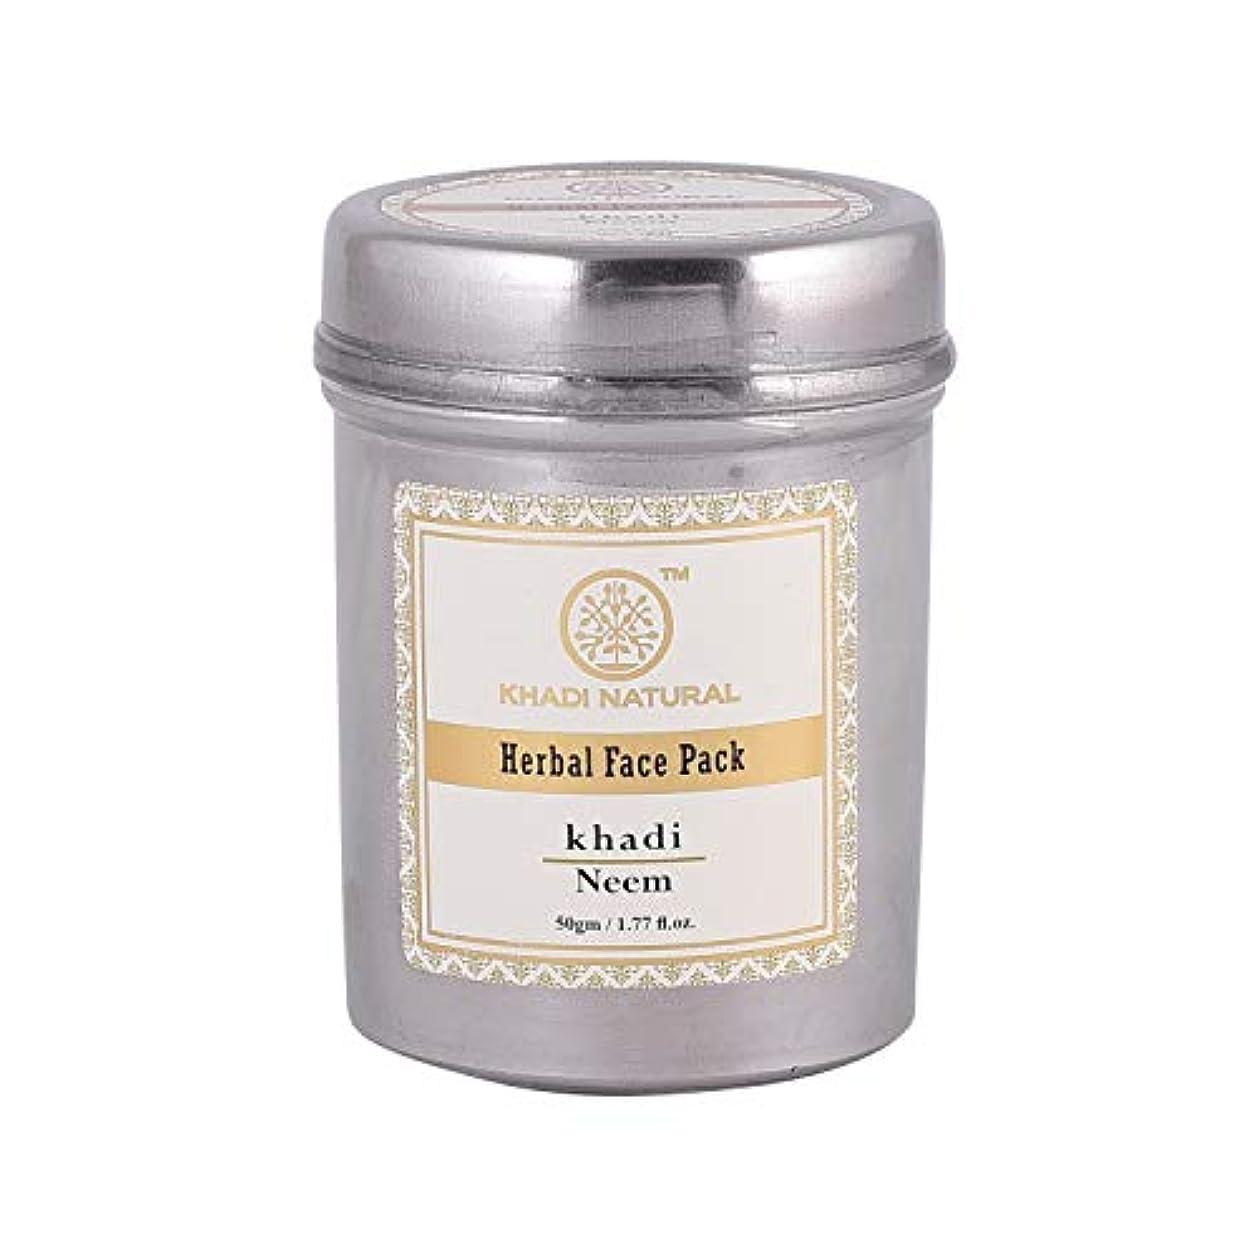 Khadi Natural Herbal Neem Face Pack (50g)